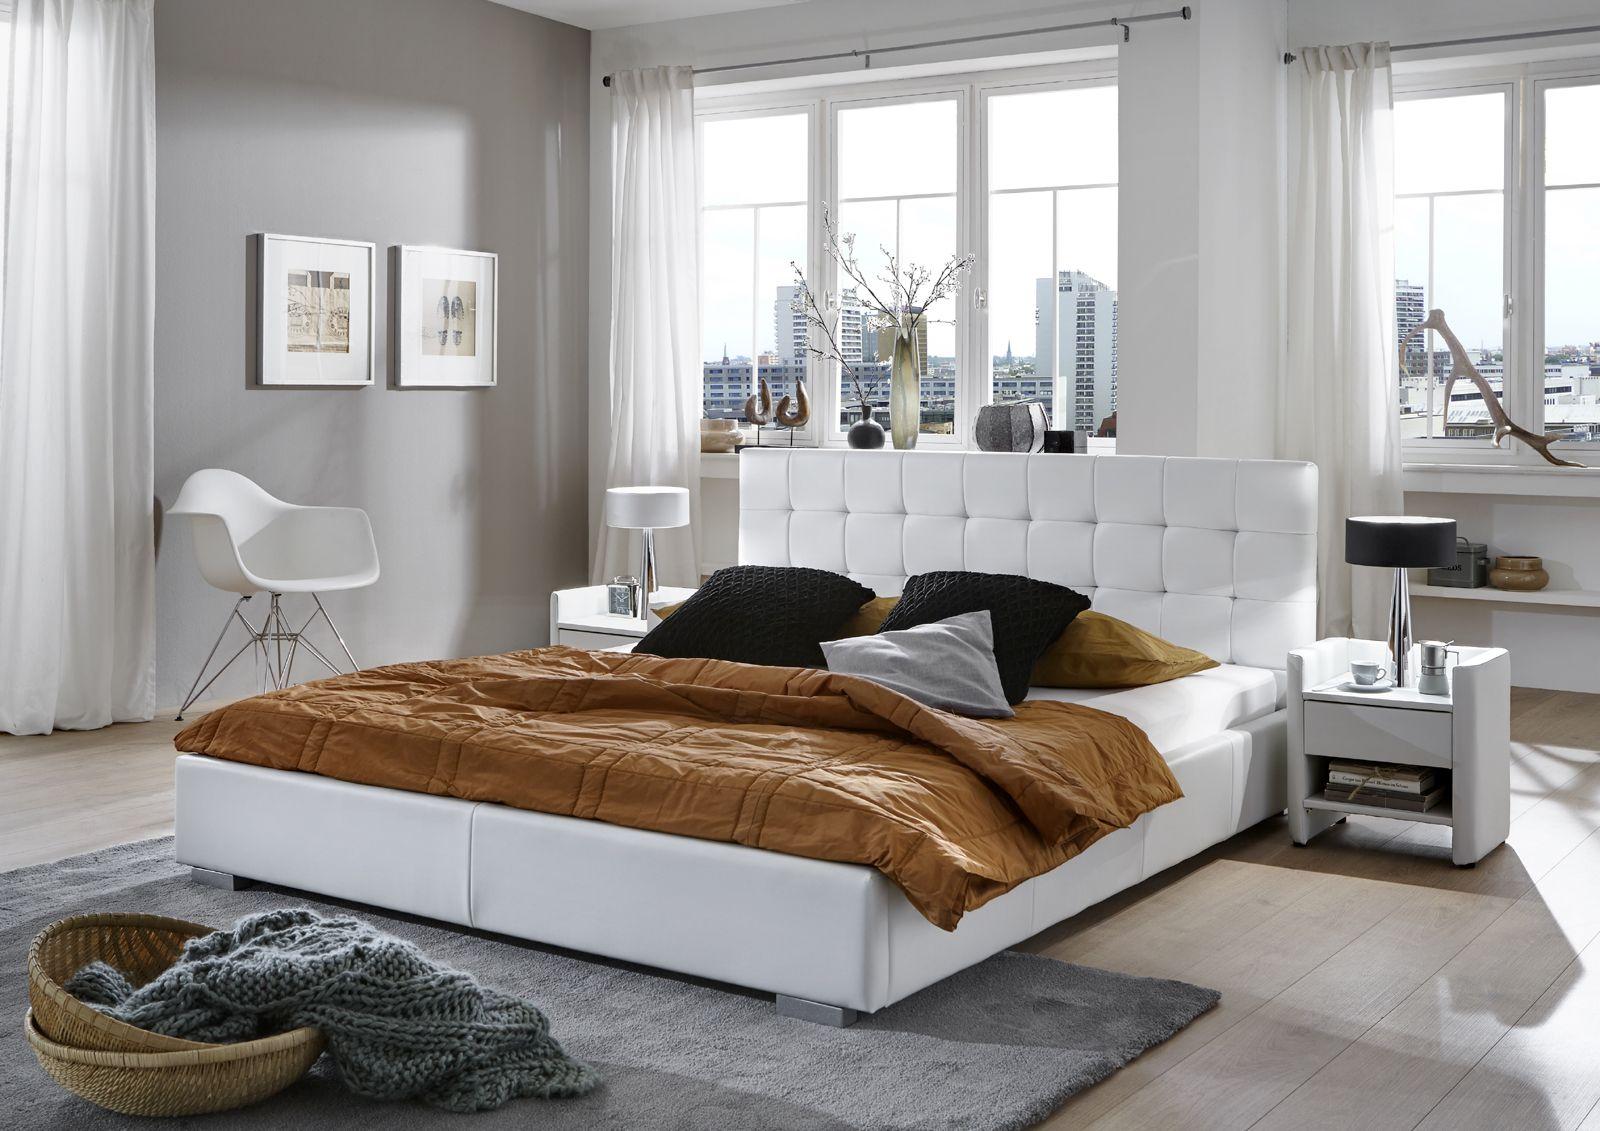 Box Spring Bett   25 Ideen Für Modernes Schlafzimmer Mit Box Spring Bett    FresHouse | Schlafzimmer | Pinterest